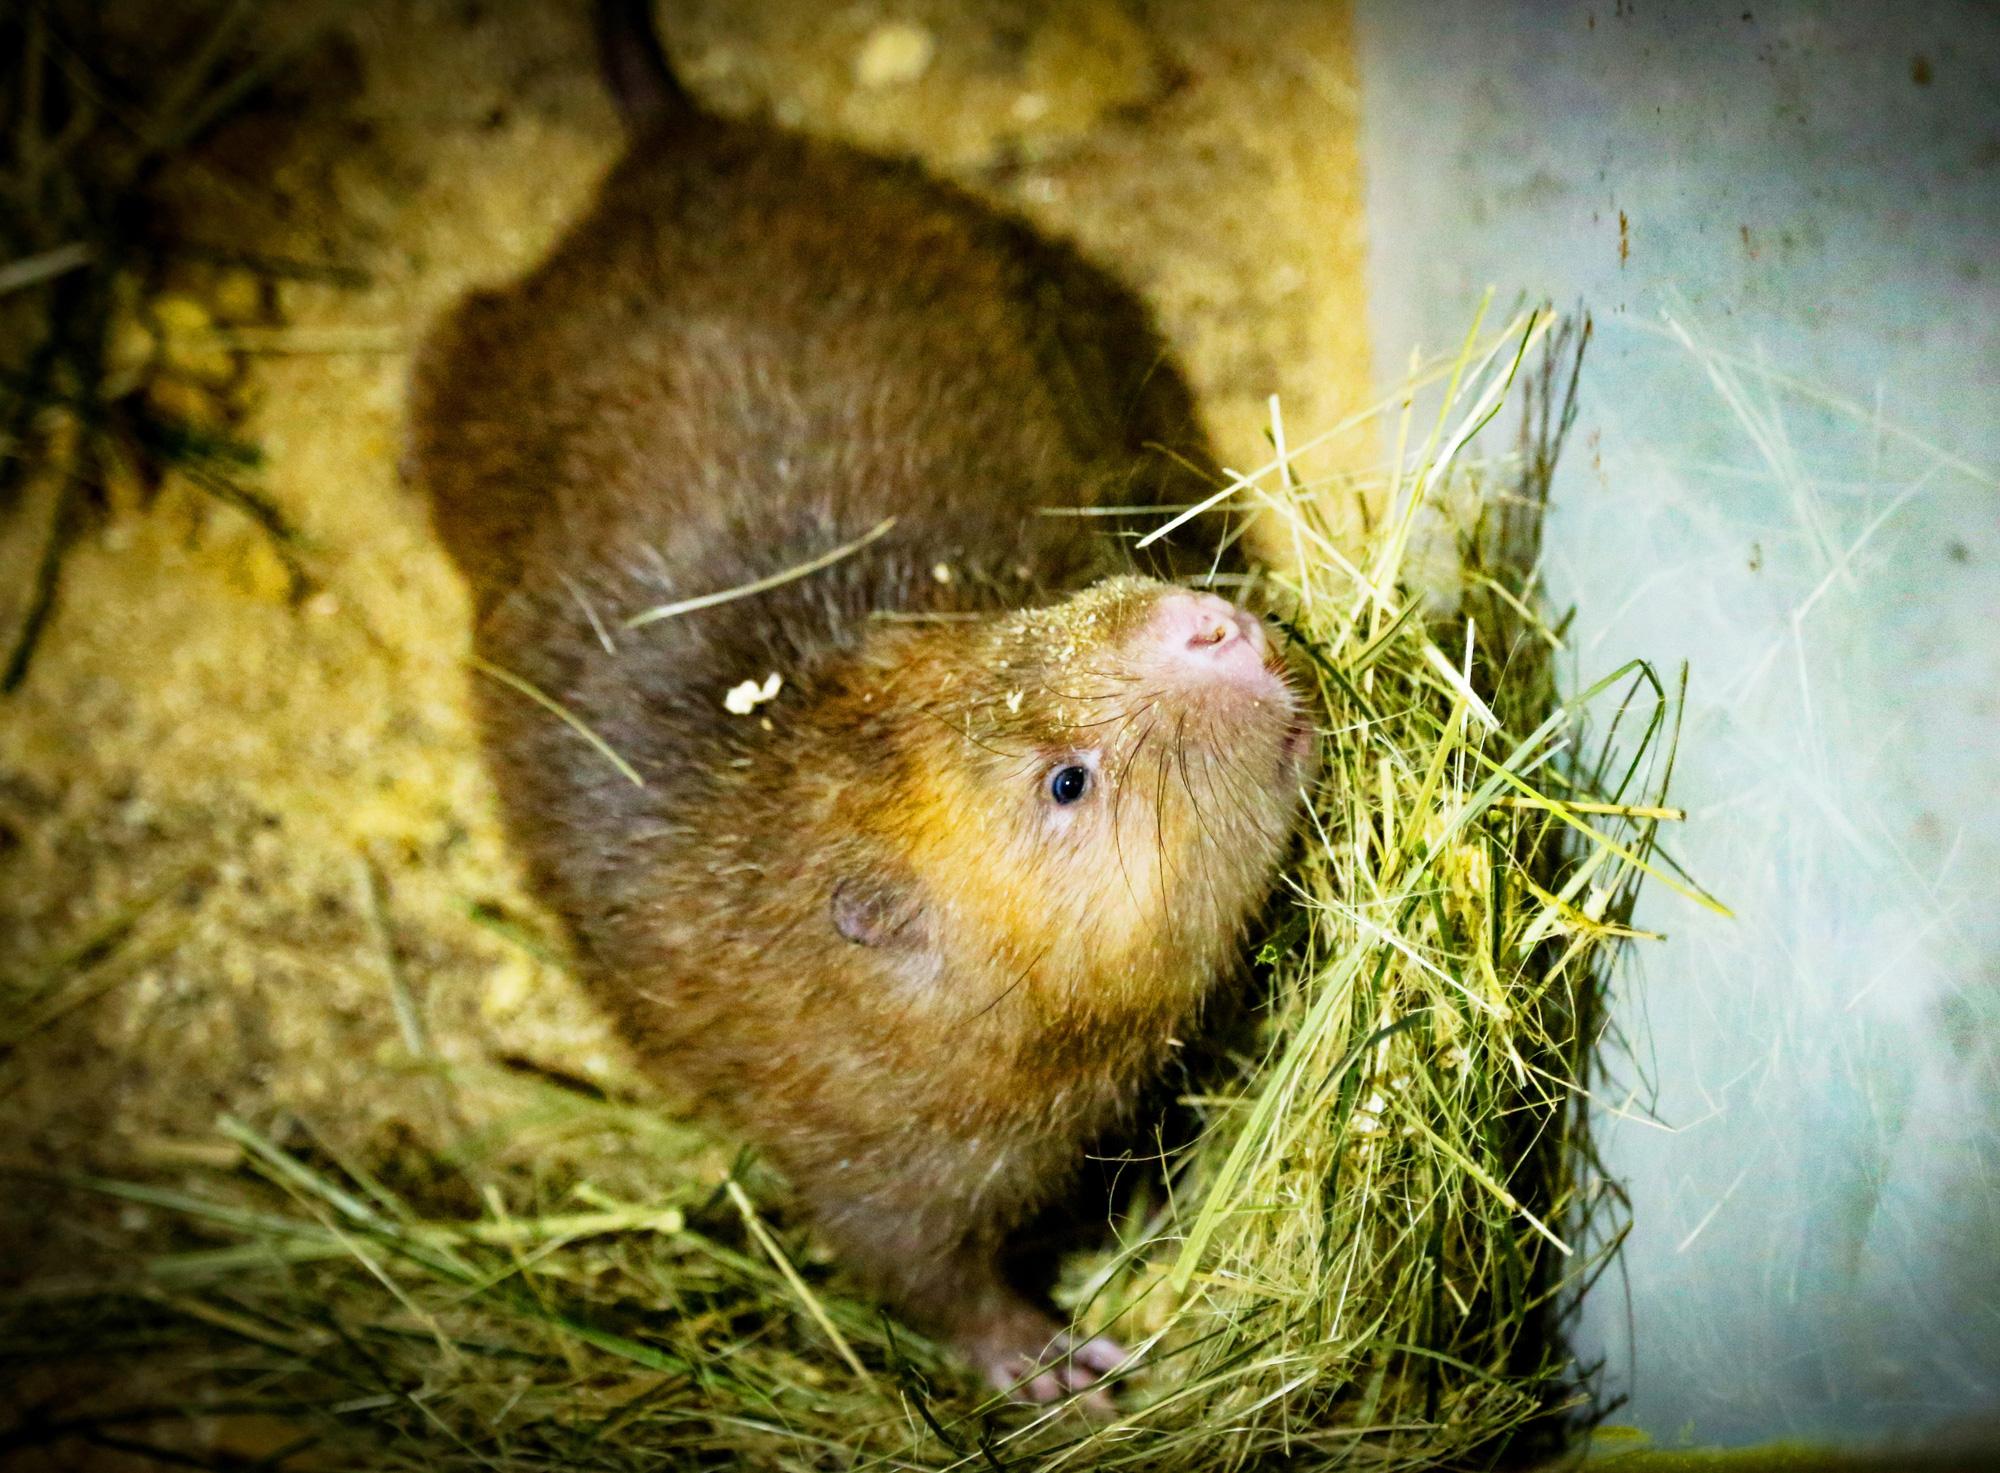 Hà Tĩnh: Nuôi loài chuột khổng lồ, sống không cần nước, lớn lên bán tiền triệu mỗi cặp - Ảnh 3.